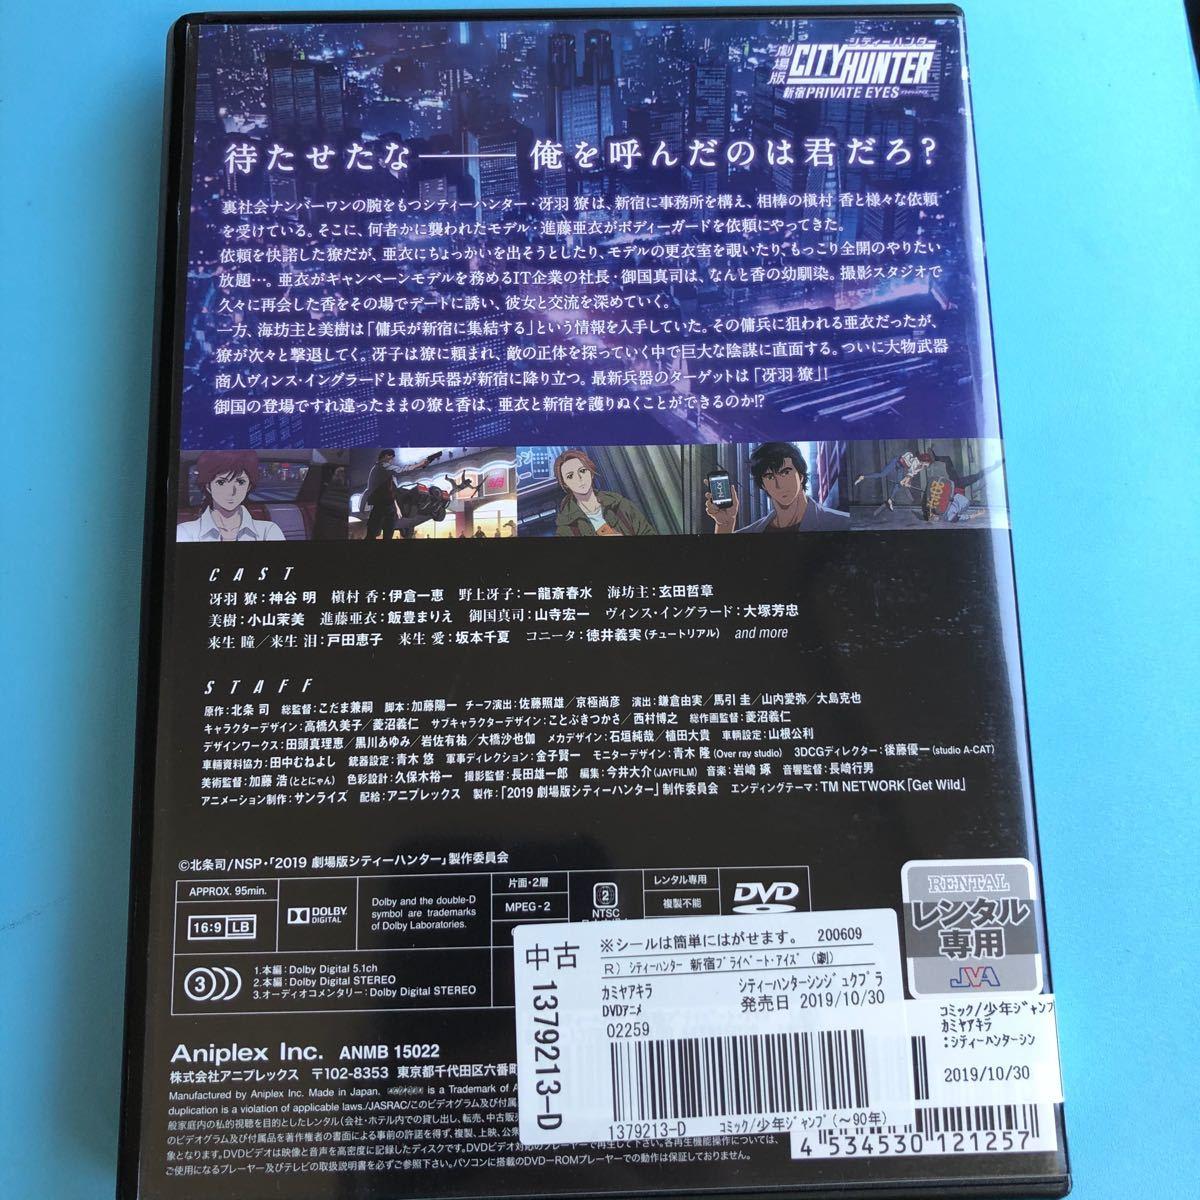 劇場版 シティーハンター 新宿プライベート・アイズ  DVD アニメ